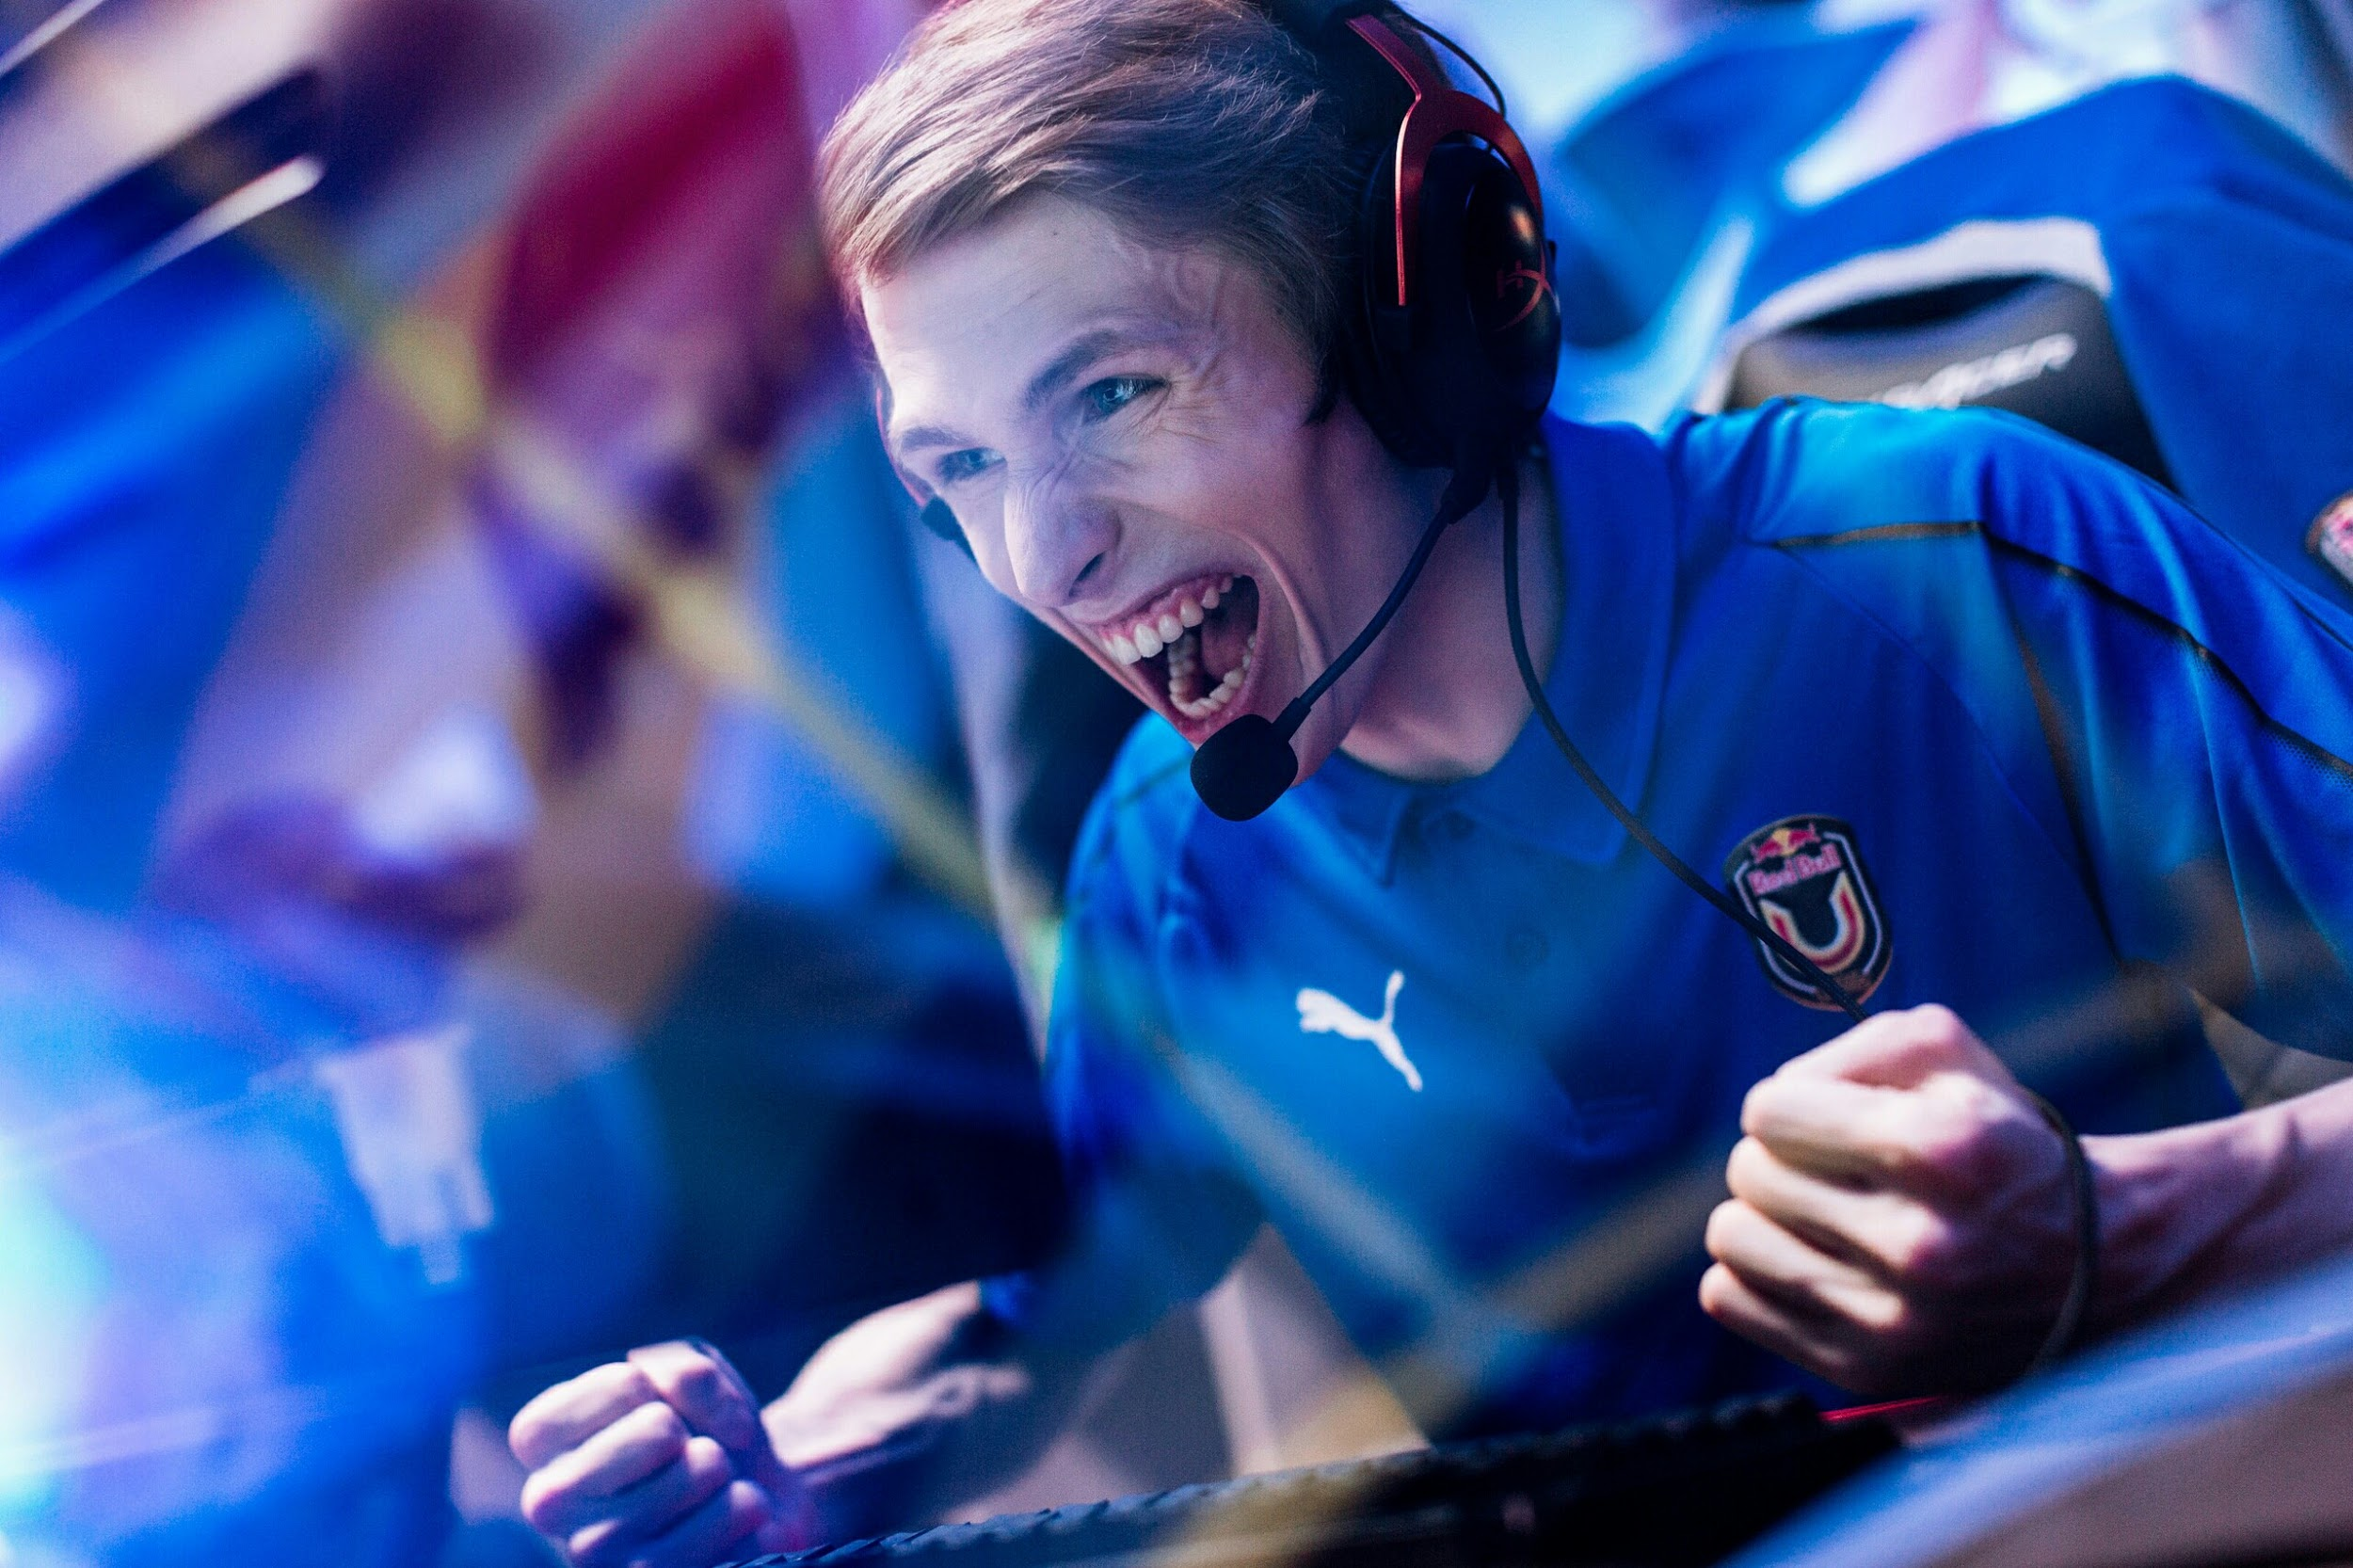 Казанские студенты в финале главного студенческого соревнования по League of Legends в СНГ